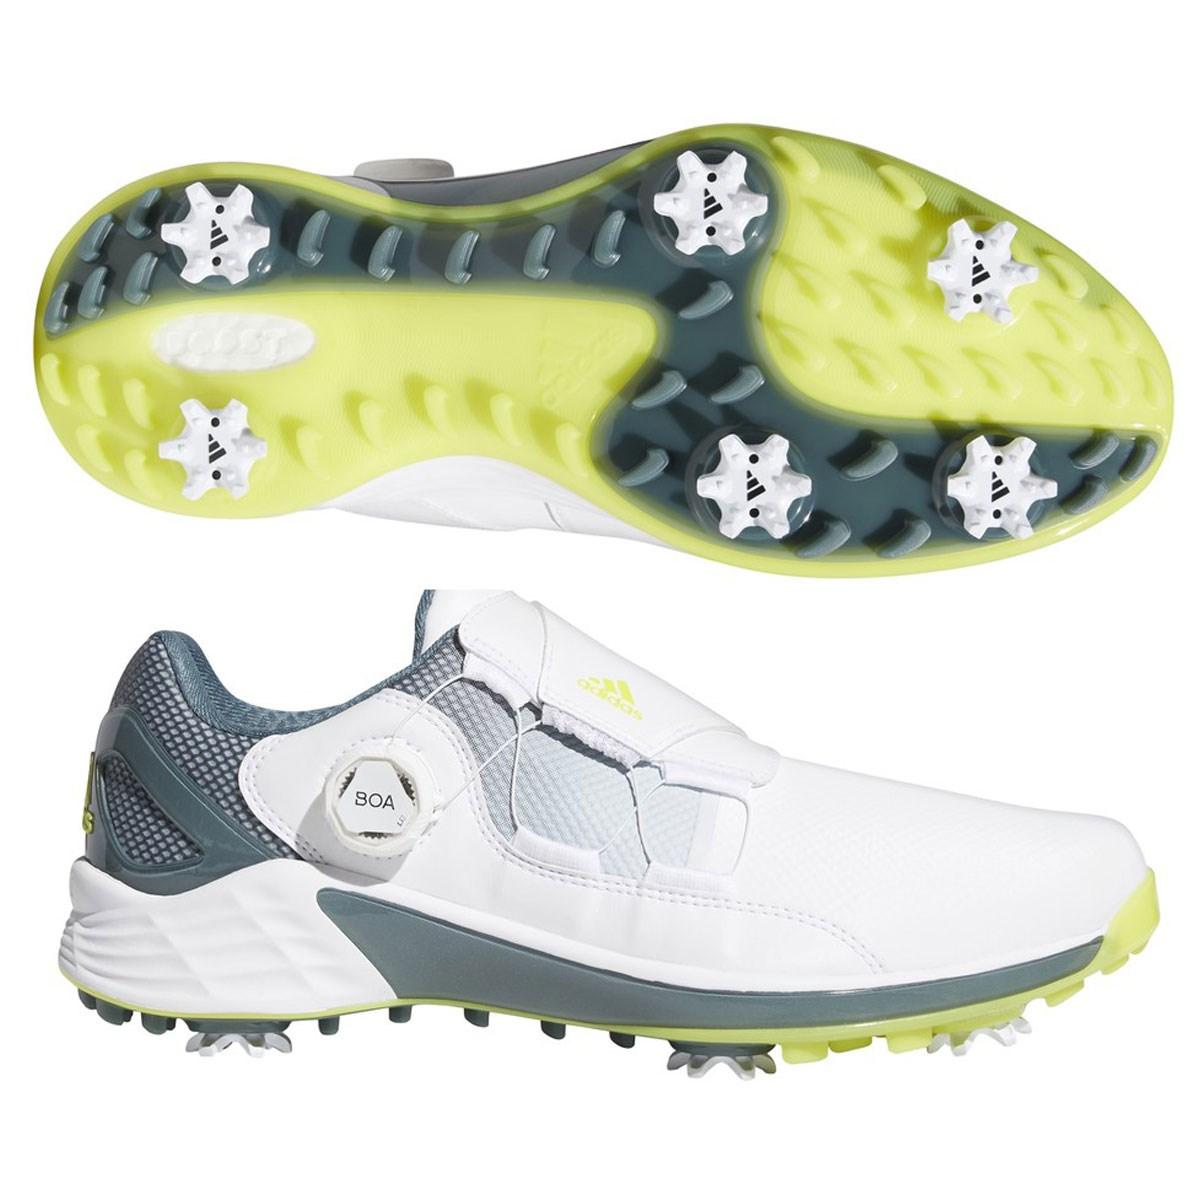 アディダス Adidas ゼッドジー21ボアシューズ 27.5cm フットウェアホワイト/アシッドイエロー/ブルーオキサイド